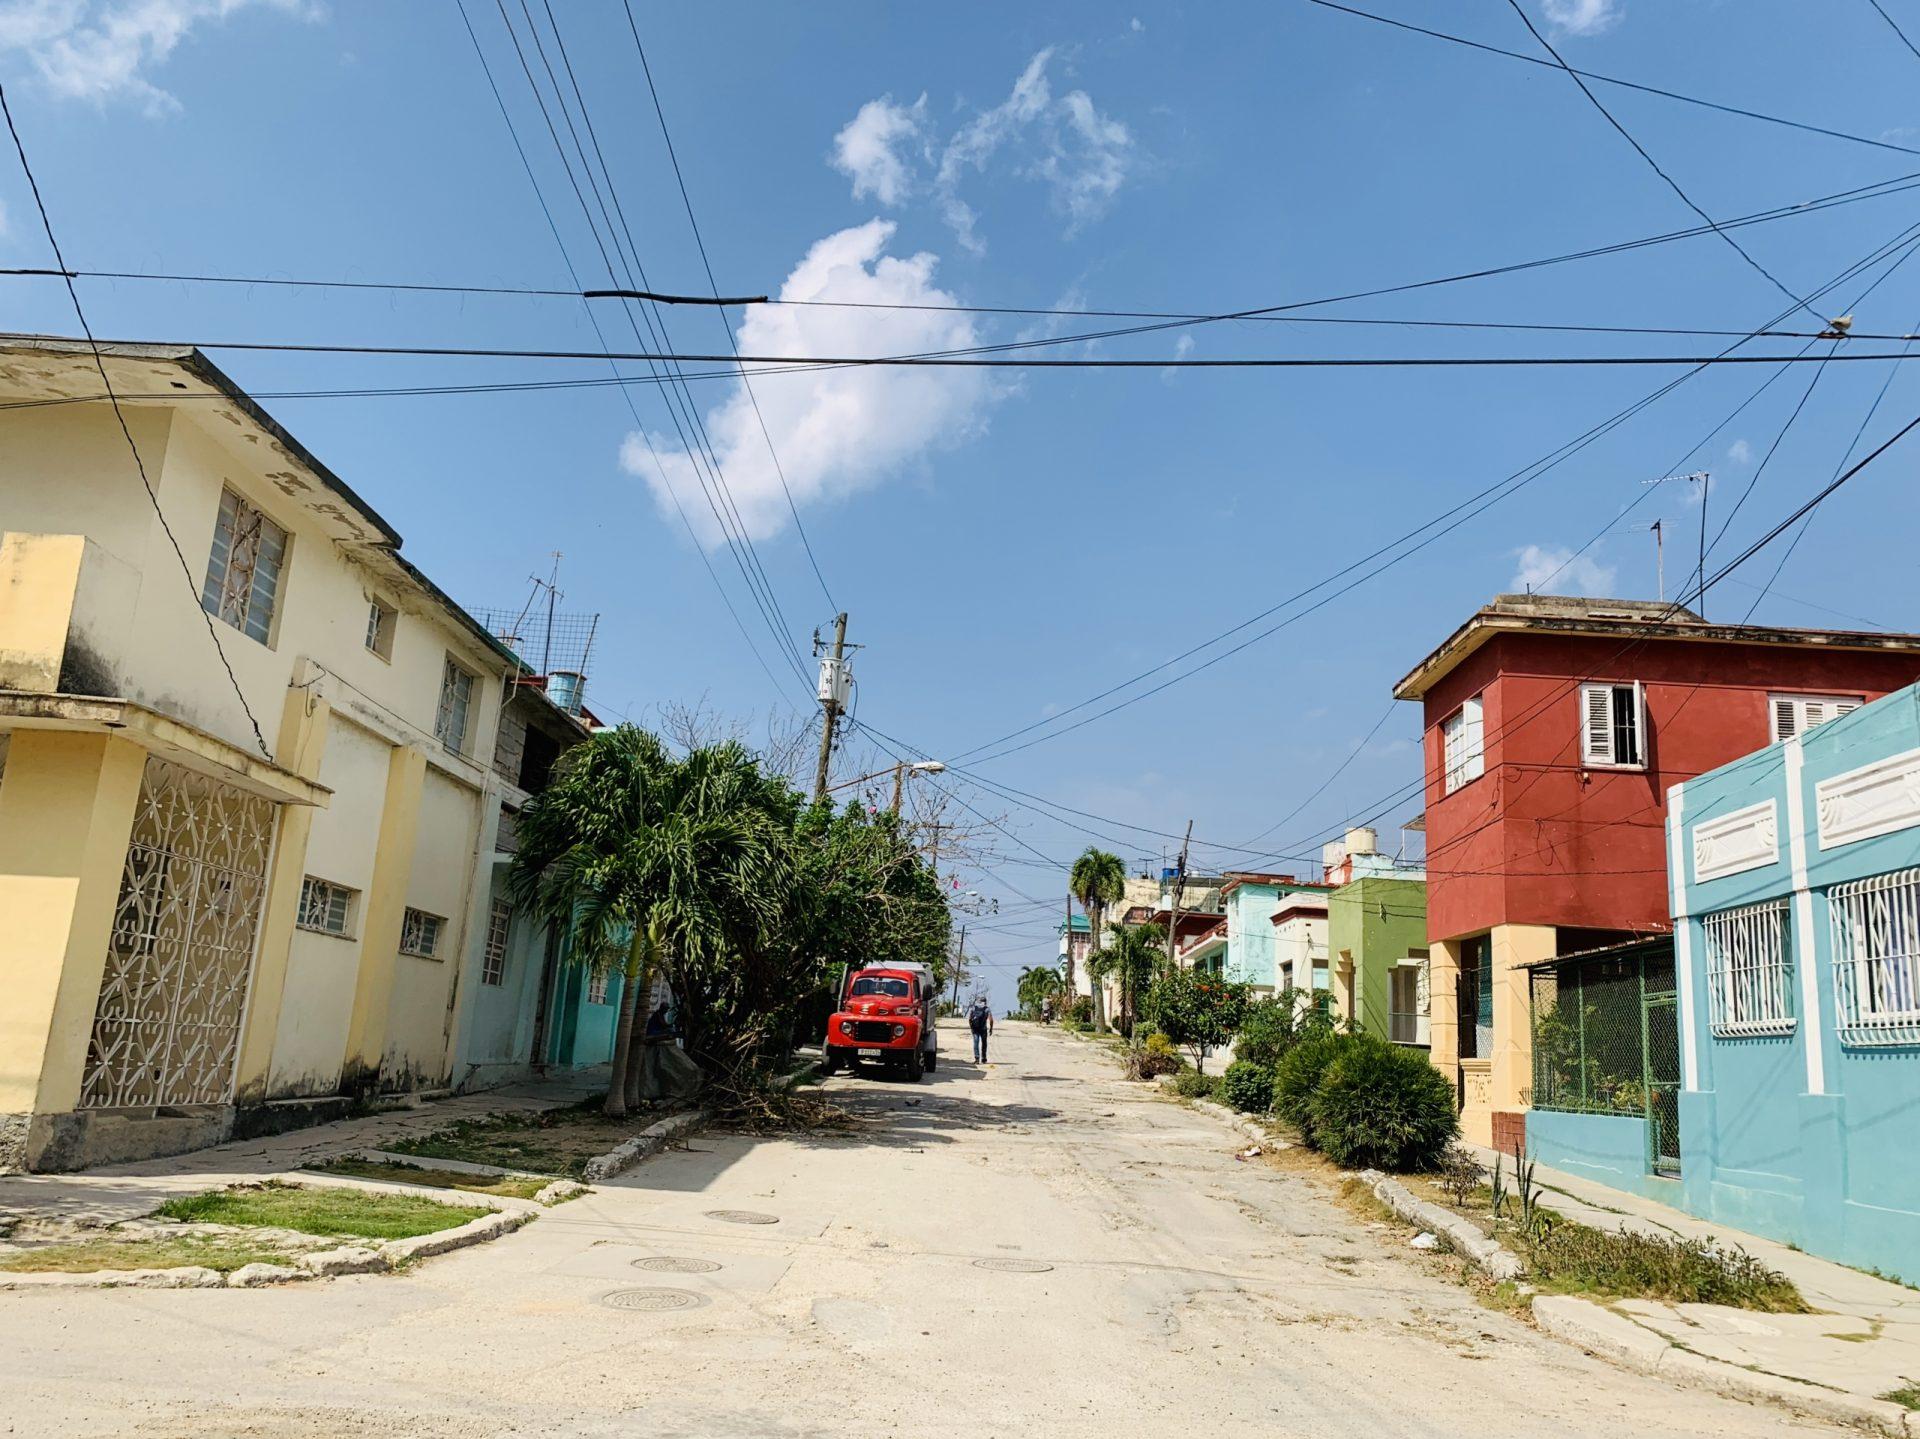 キューバにおける新型コロナウィルスの状況